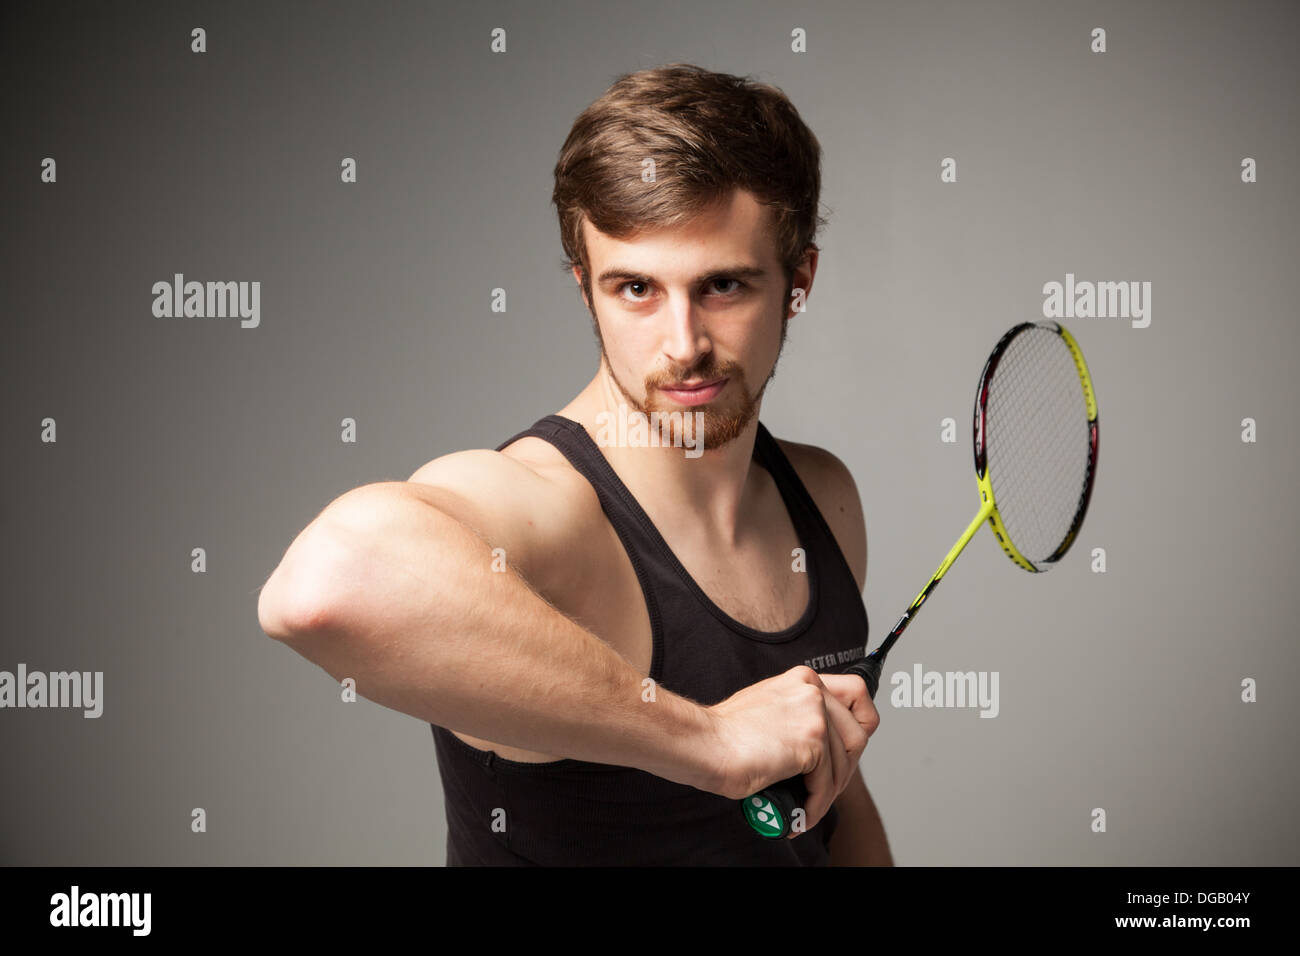 Colocar el jugador de bádminton modelo masculino Imagen De Stock